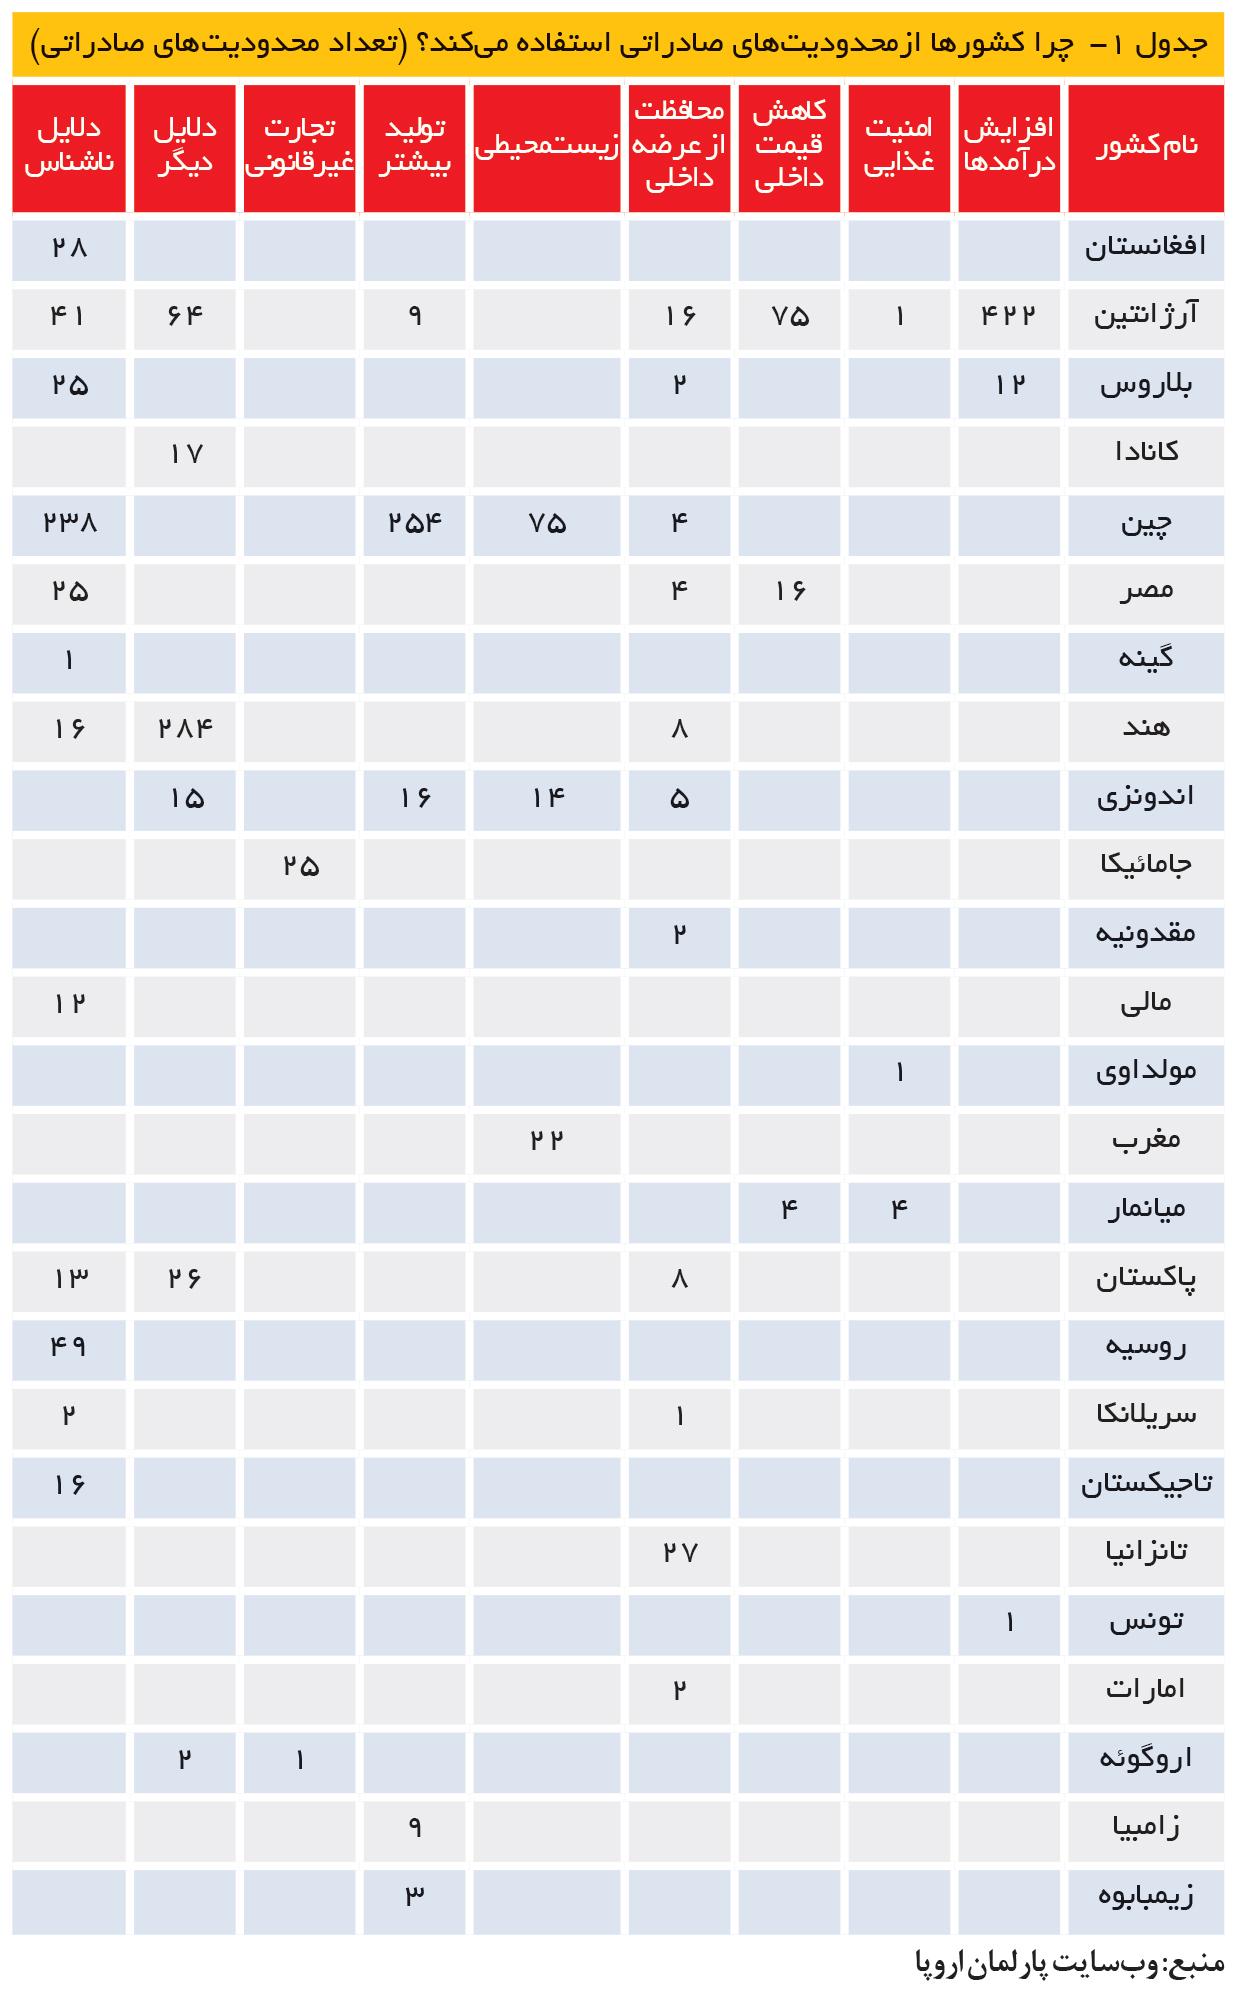 تجارت- فردا- جدول 1-  چرا کشورها ازمحدودیتهای صادراتی استفاده میکند؟ (تعداد محدودیتهای صادراتی)